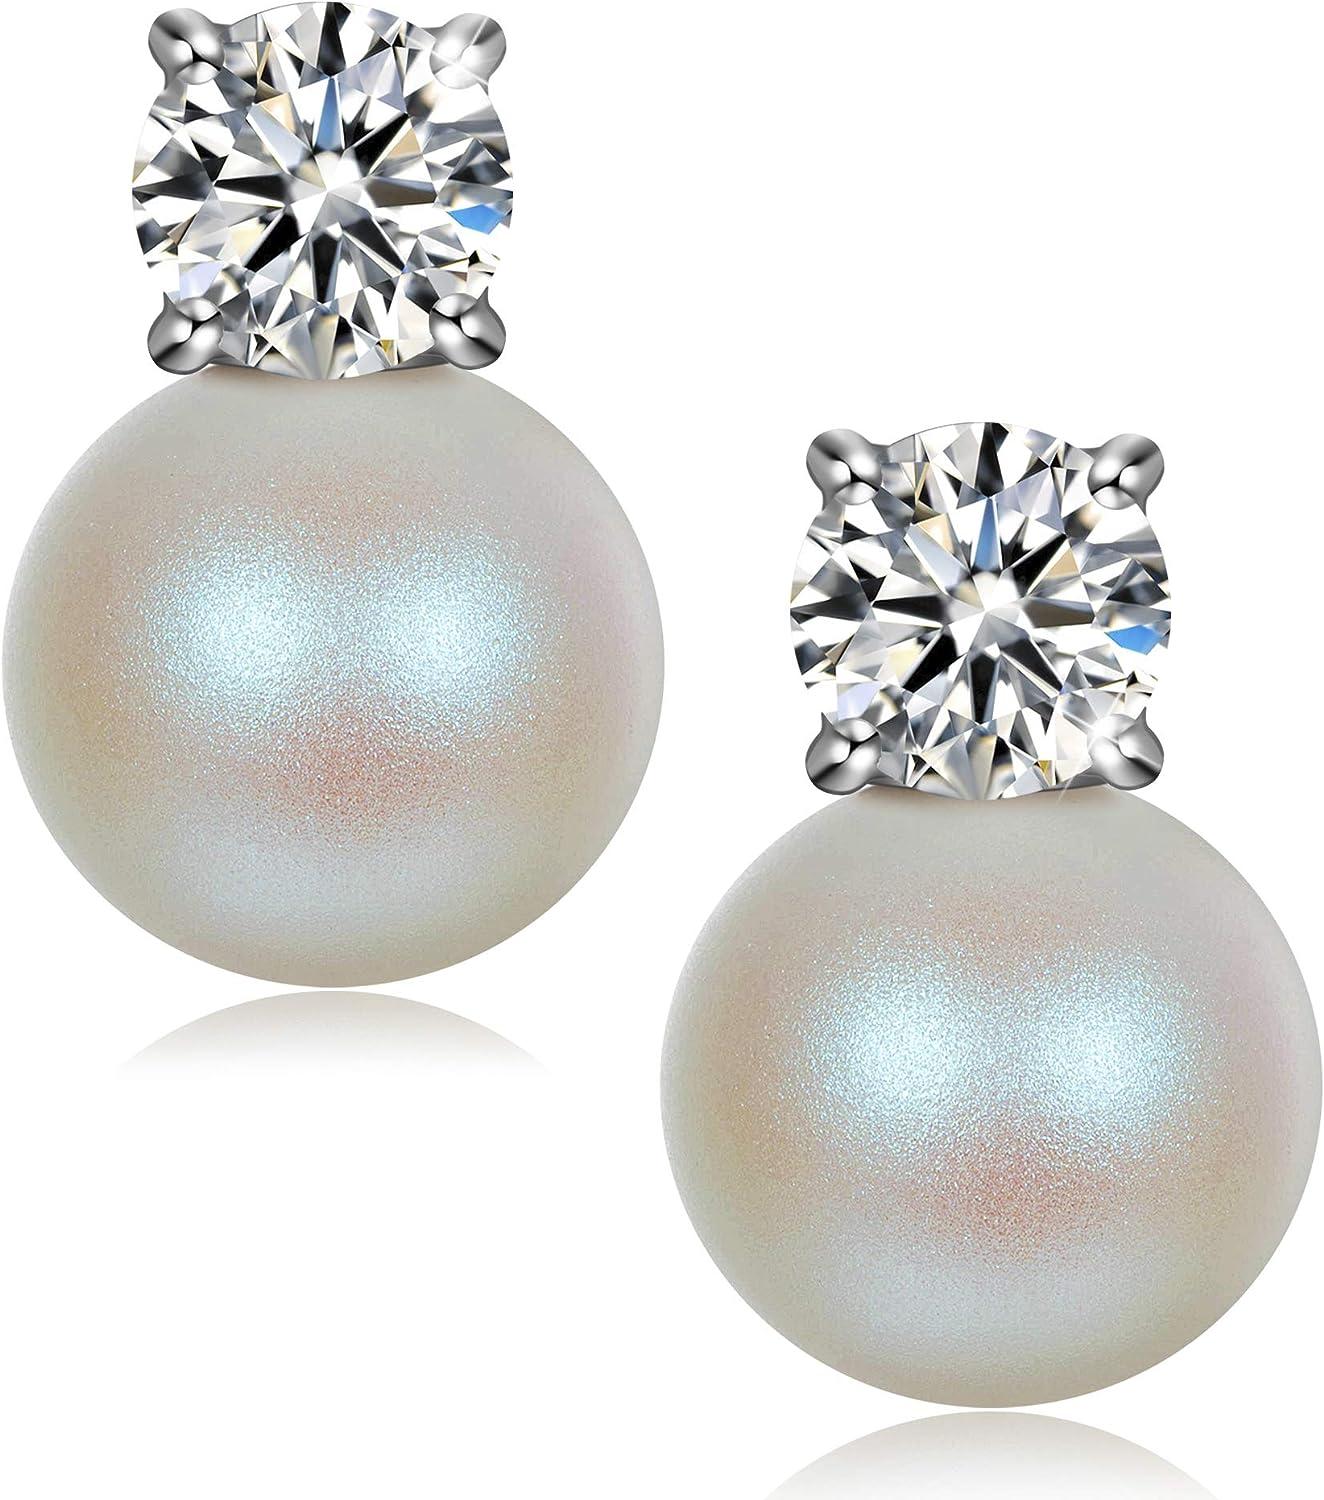 J. RENEÉ Pendientes Perla Mujer, Plata de Ley 925, Perlas de Swarovski, Joyas para Mujer, Pendientes Mujer plata, Regalos para Mujer, Joyeria Mujer